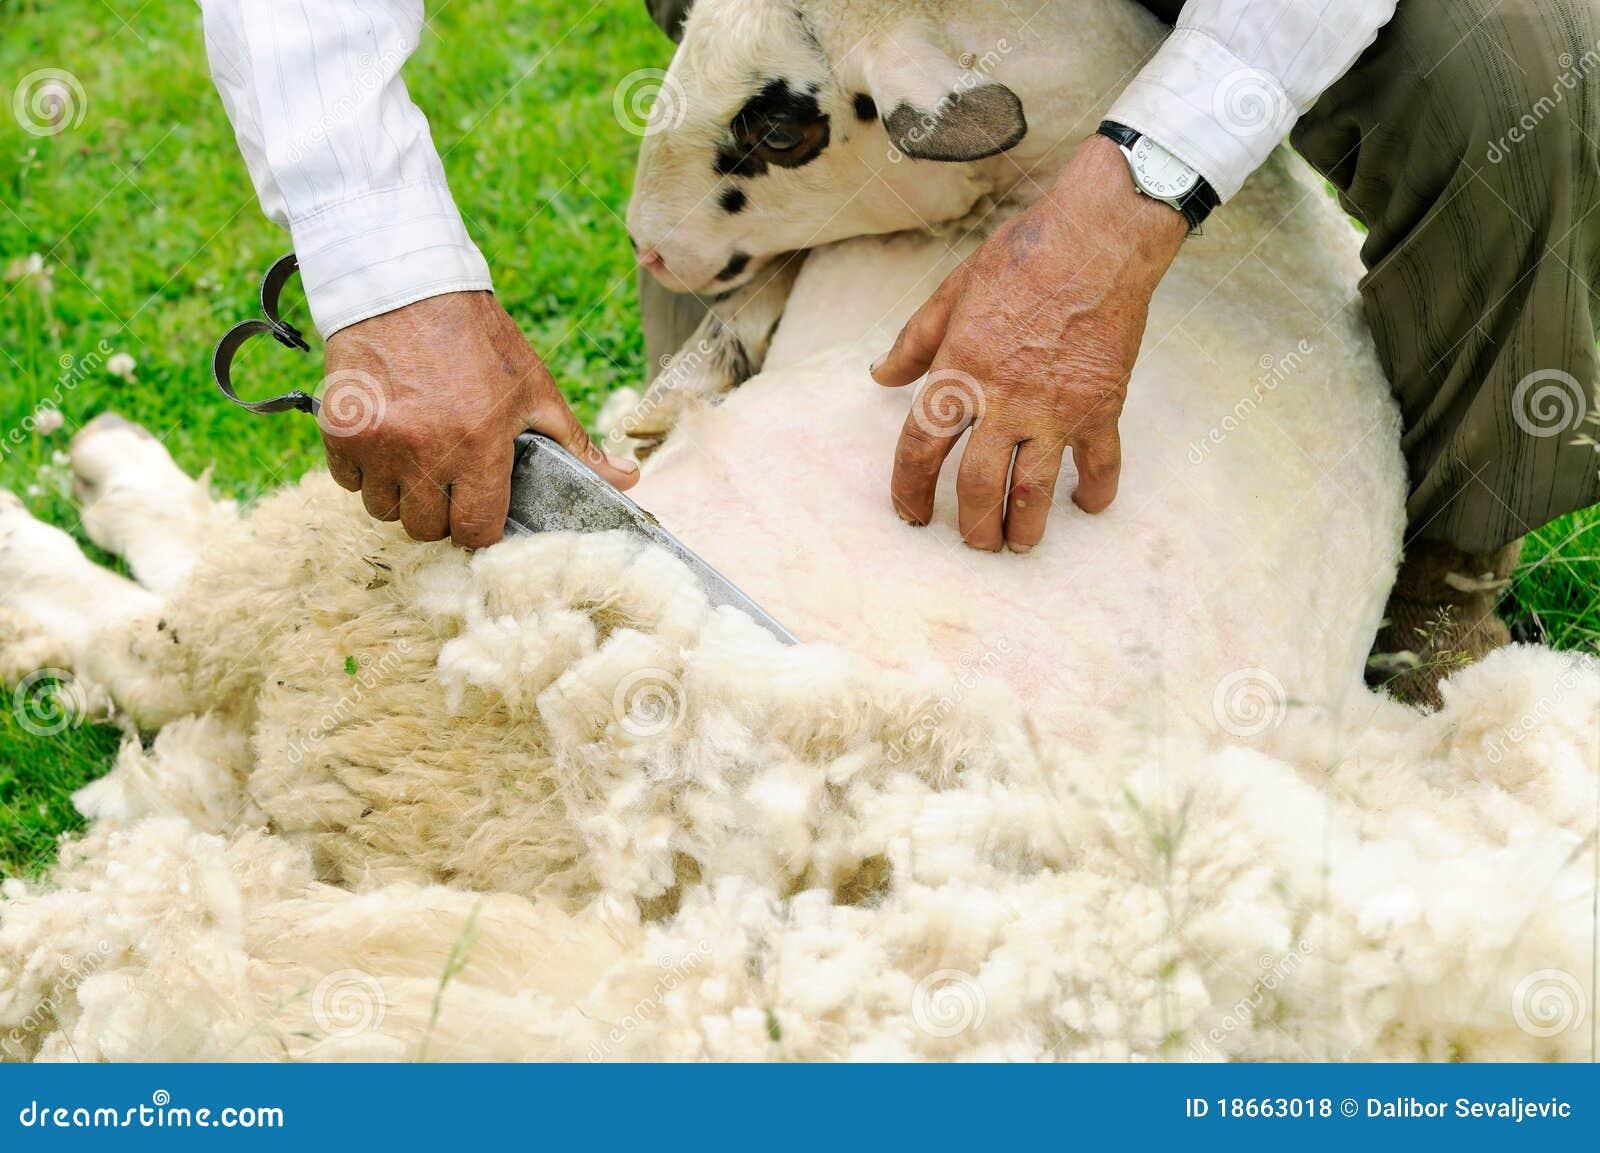 Shaved Sheep Car...Sheep Shearing Clip Art